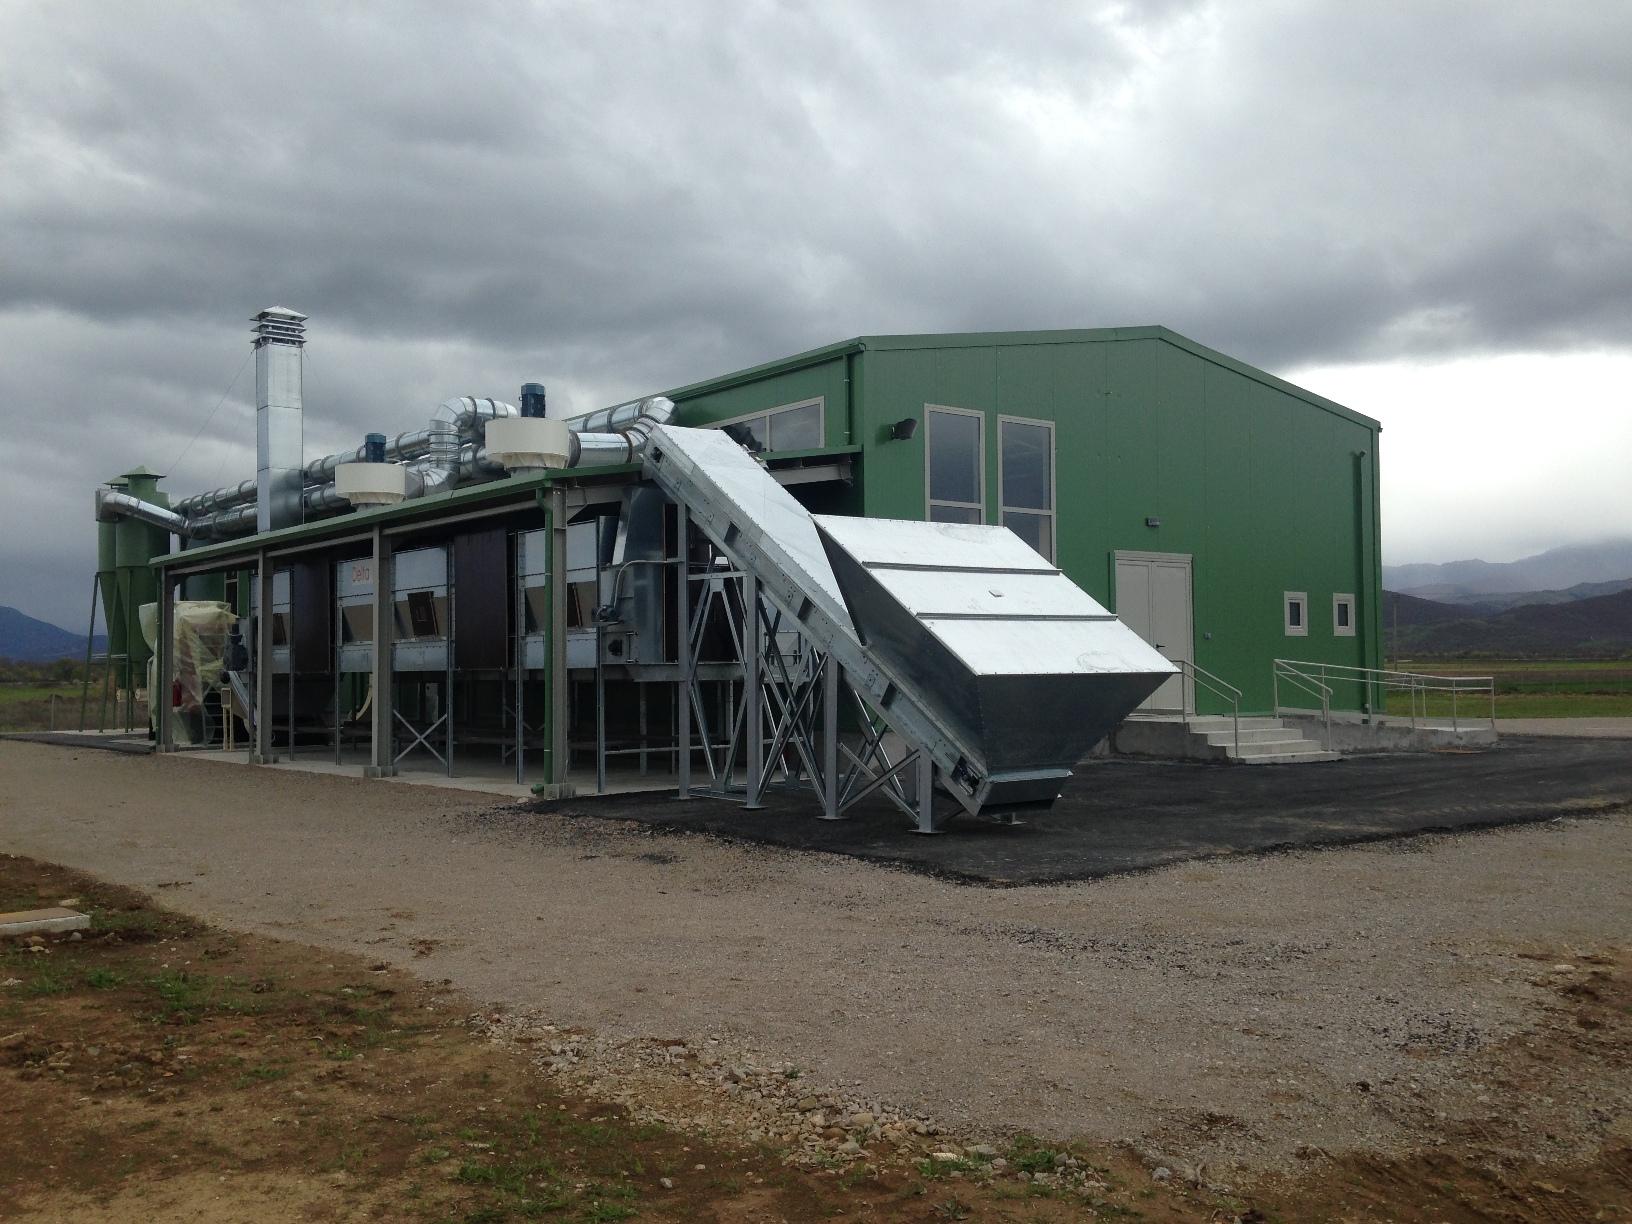 Καρδίτσα: Κατασκευή εργοστασίου παραγωγής στερεών καυσίμων